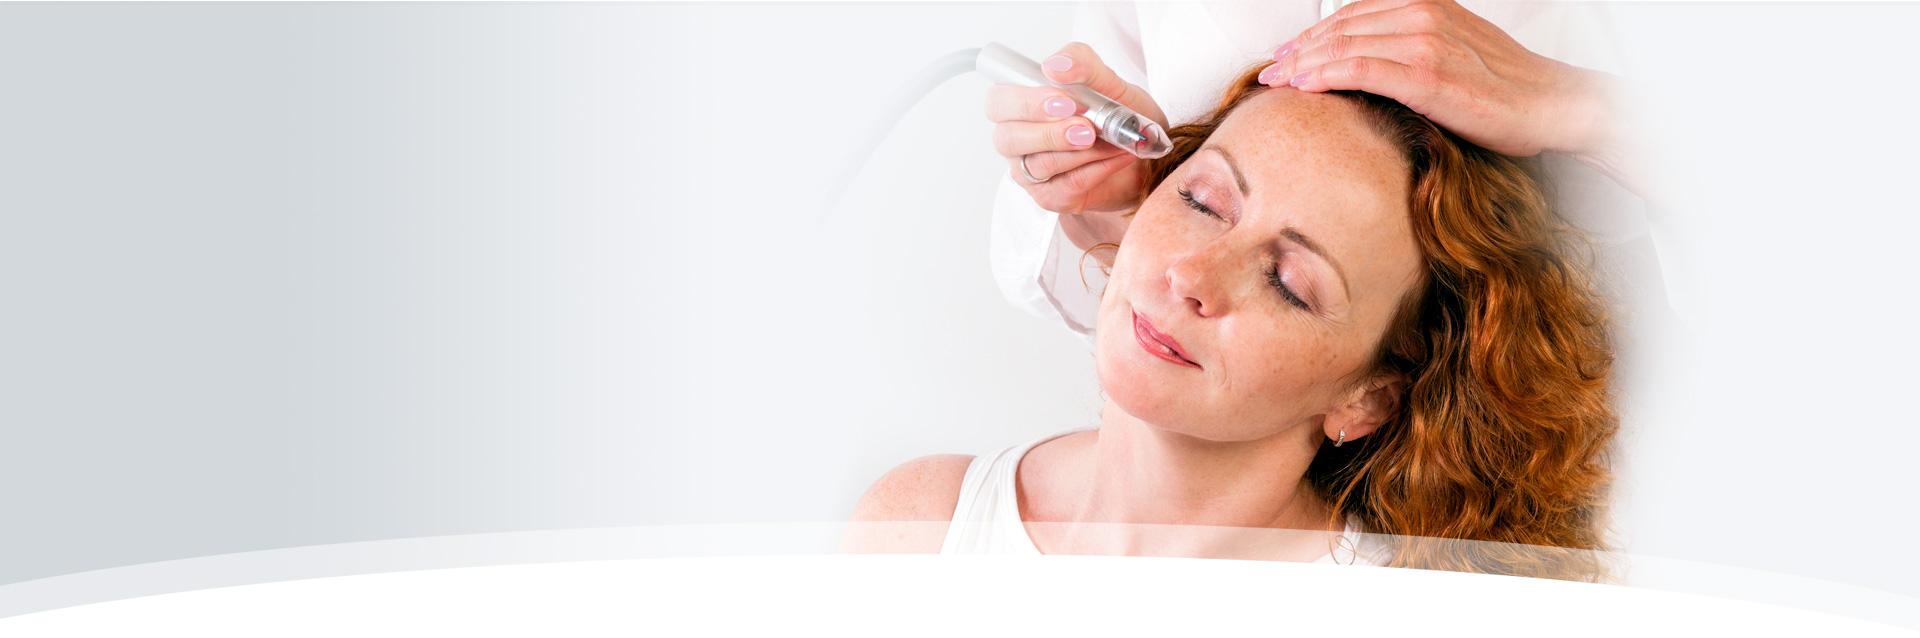 Best in Medical Beauty - Die Besten für perfekte Ergebnisse!